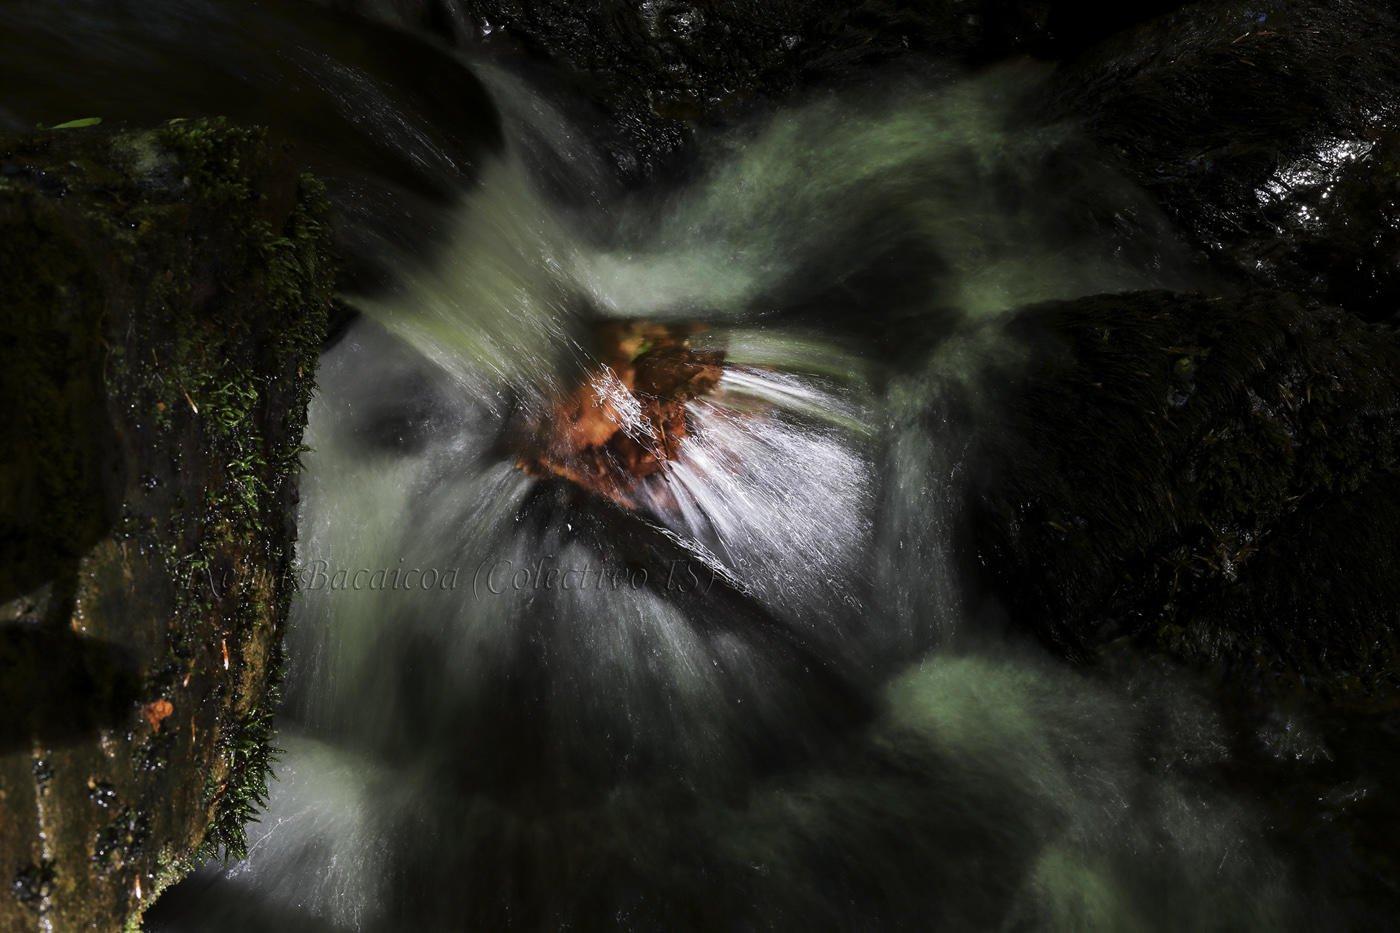 El espiritu del río (Txema Bacaicoa (Colectivo IS))